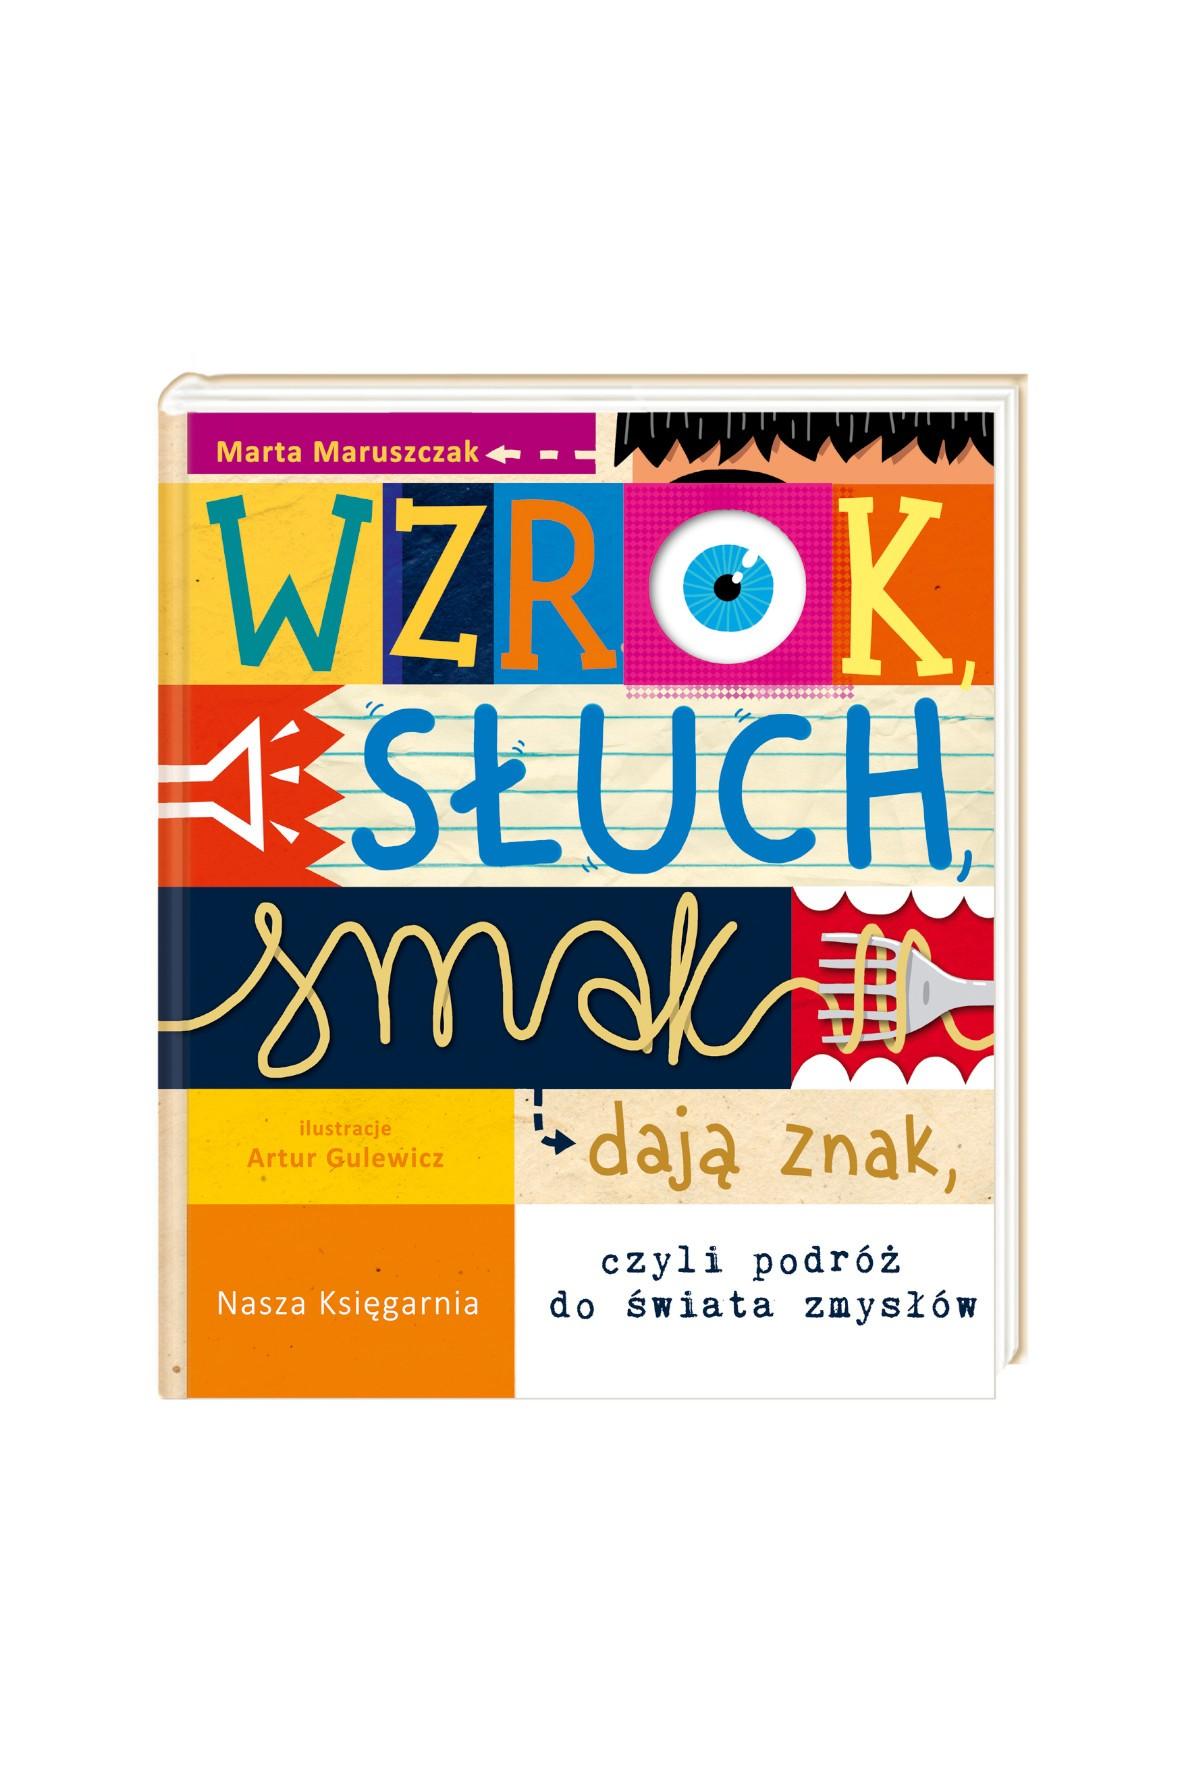 """Książka """"Wzrok, słuch,smak dają znak, czyli podróż do świata zmysłów"""""""